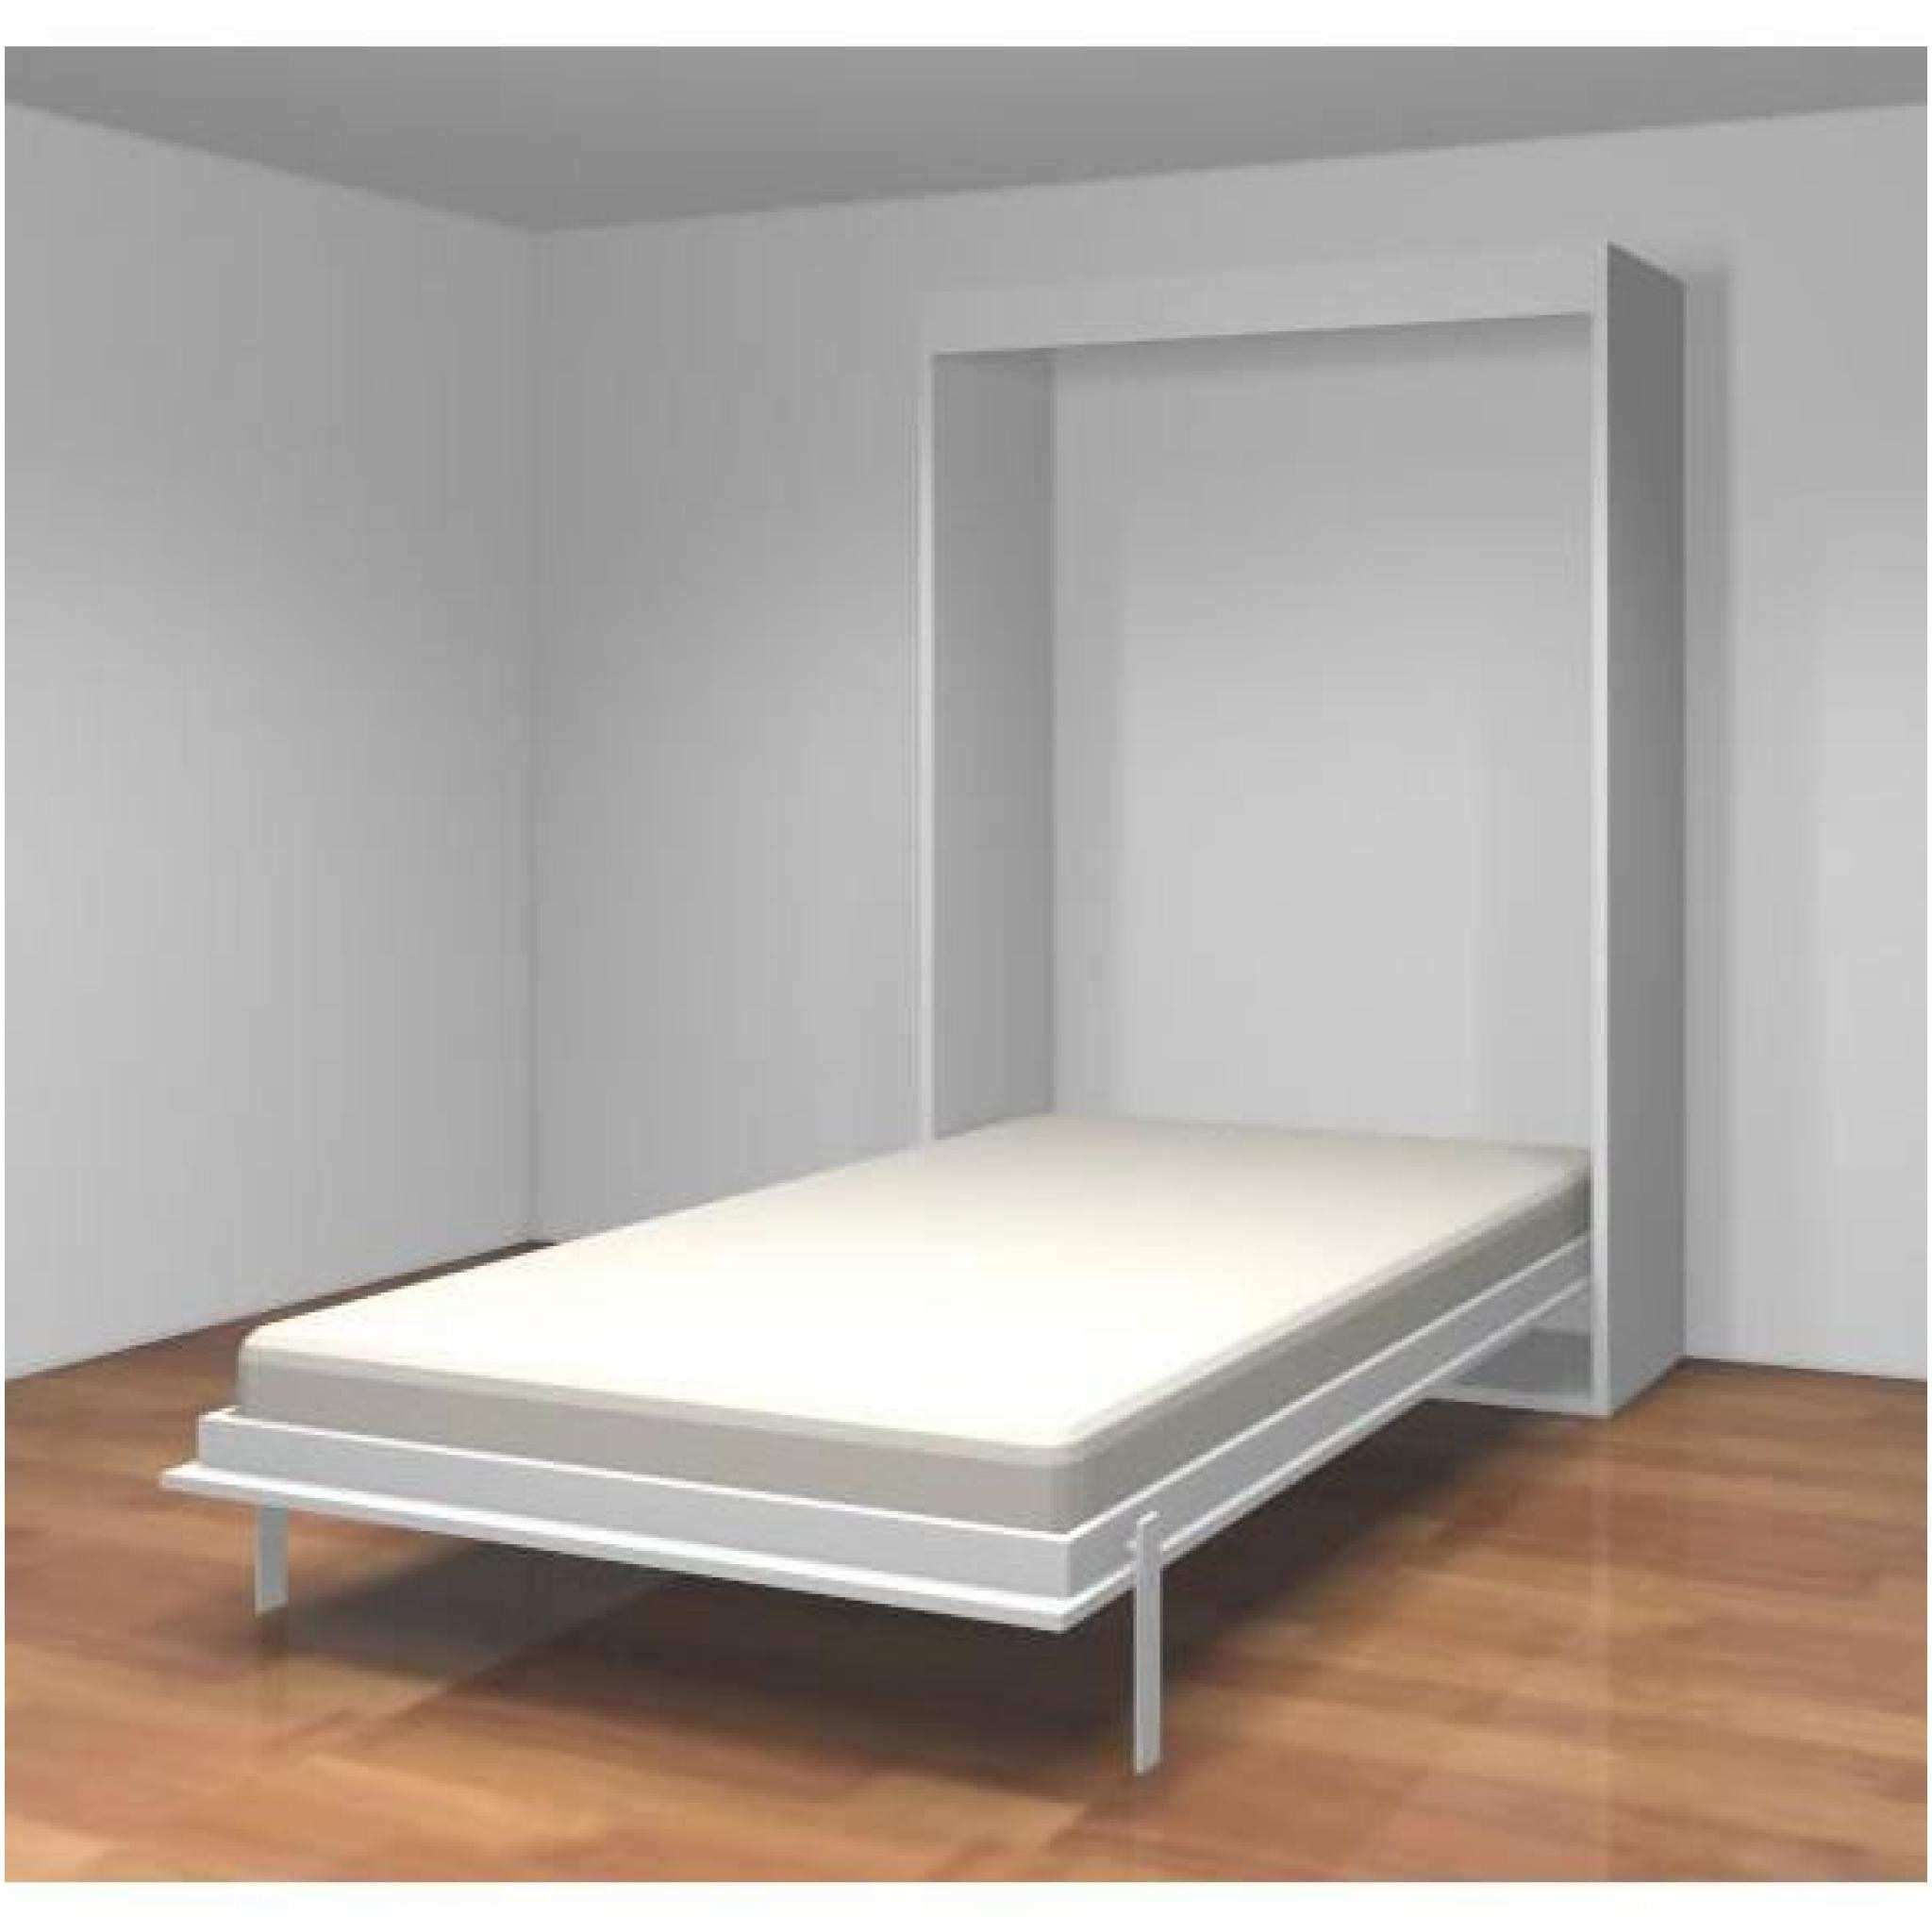 Ciel De Lit Moustiquaire Bébé De Luxe 29 Collection De Briliant Lit Superposé Avec Escalier Pas Cher De